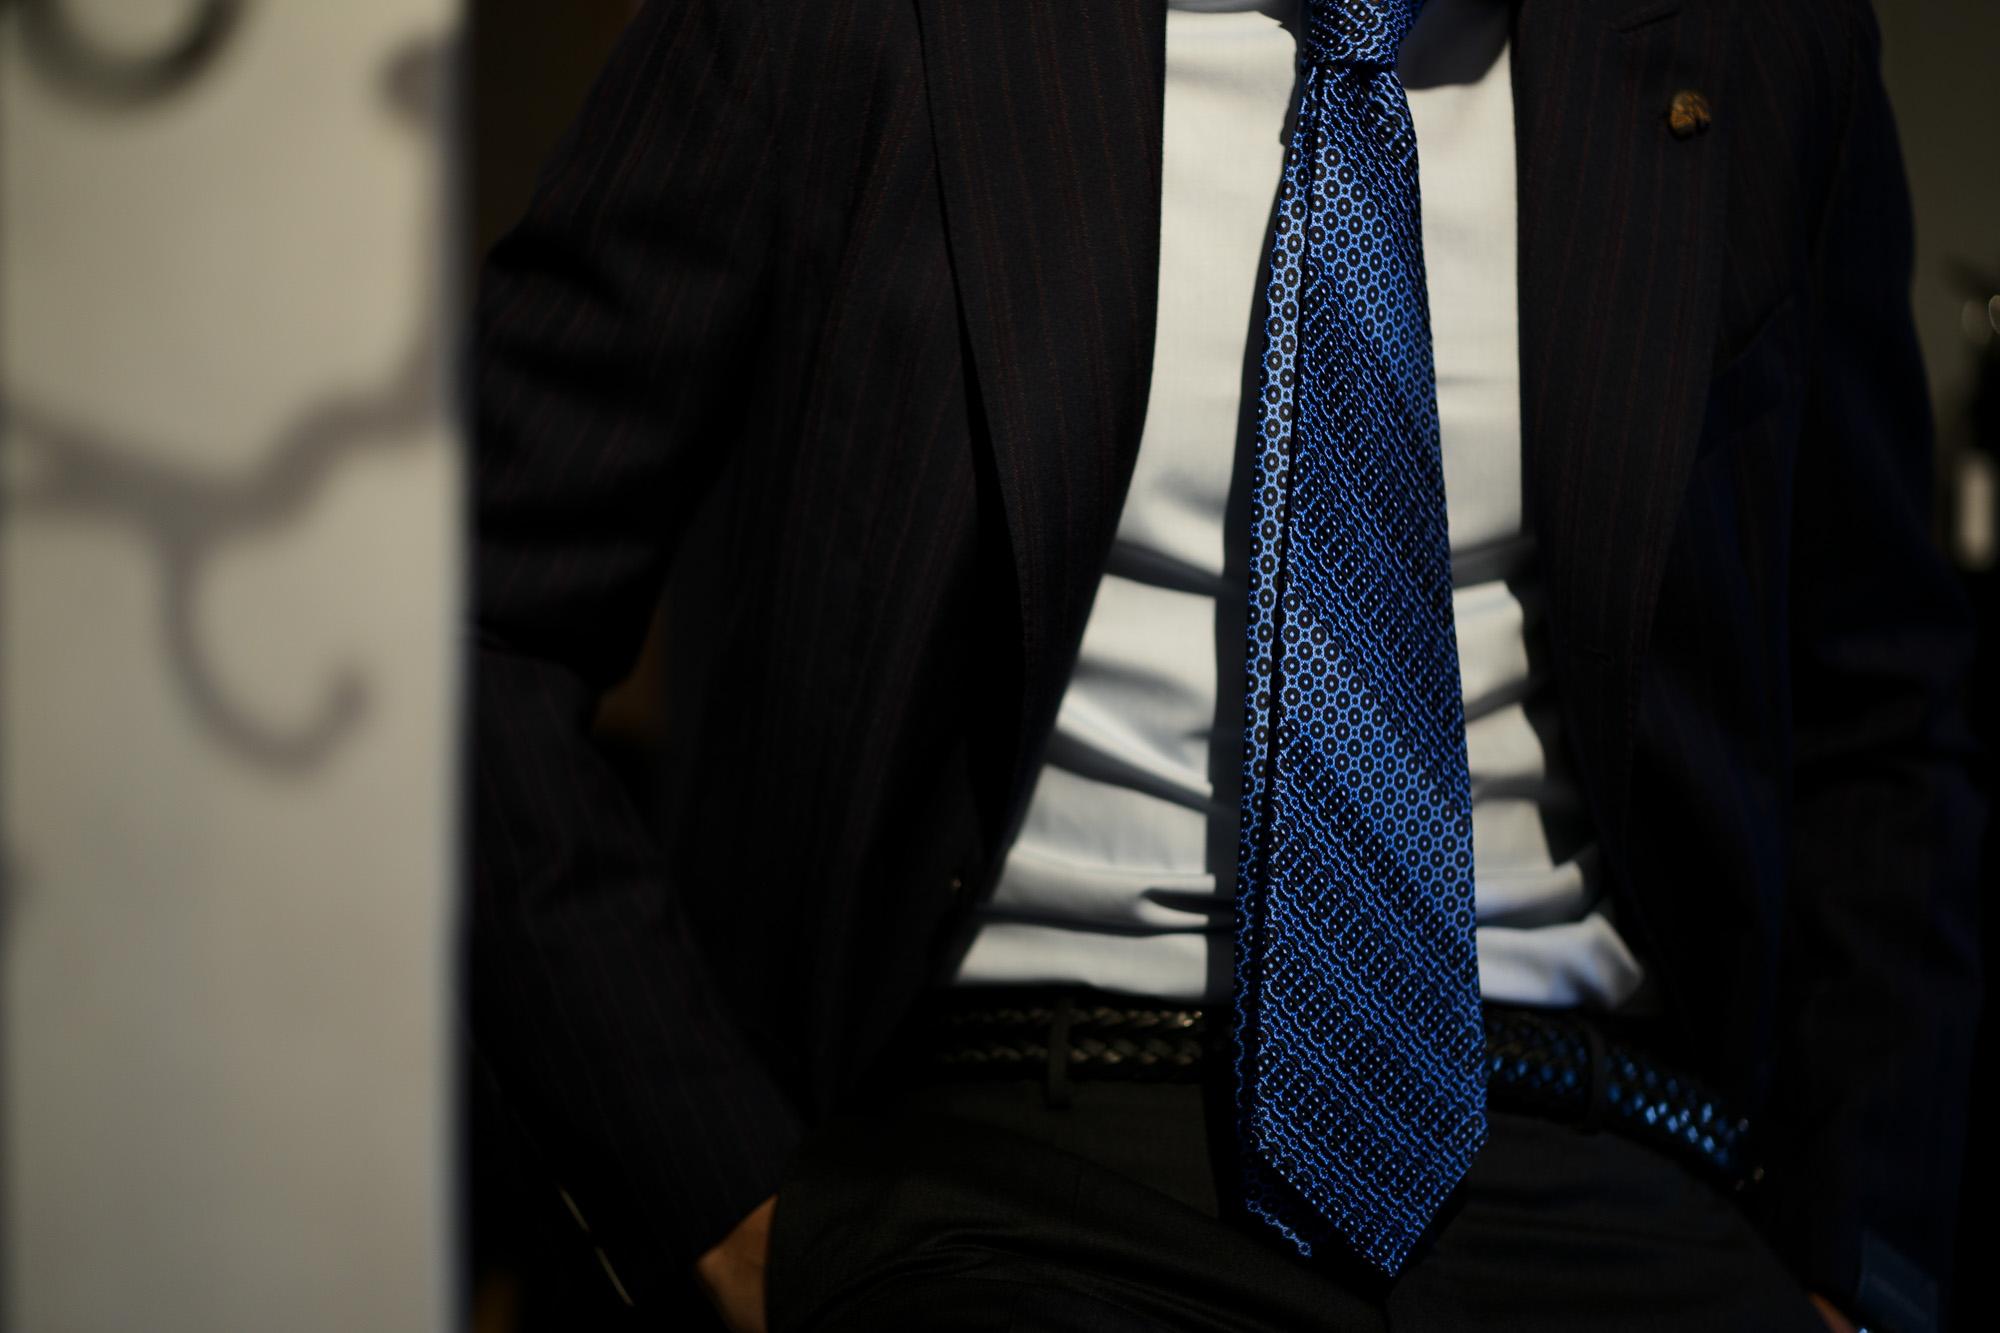 STEFANO RICCI (ステファノリッチ) PLEATS TIE (プリーツタイ) シルク プリント プリーツ ネクタイ BLUE (ブルー) Made in italy (イタリア製) 2018 秋冬新作 stefanoricci 愛知 名古屋 alto e diritto アルトエデリット altoediritto